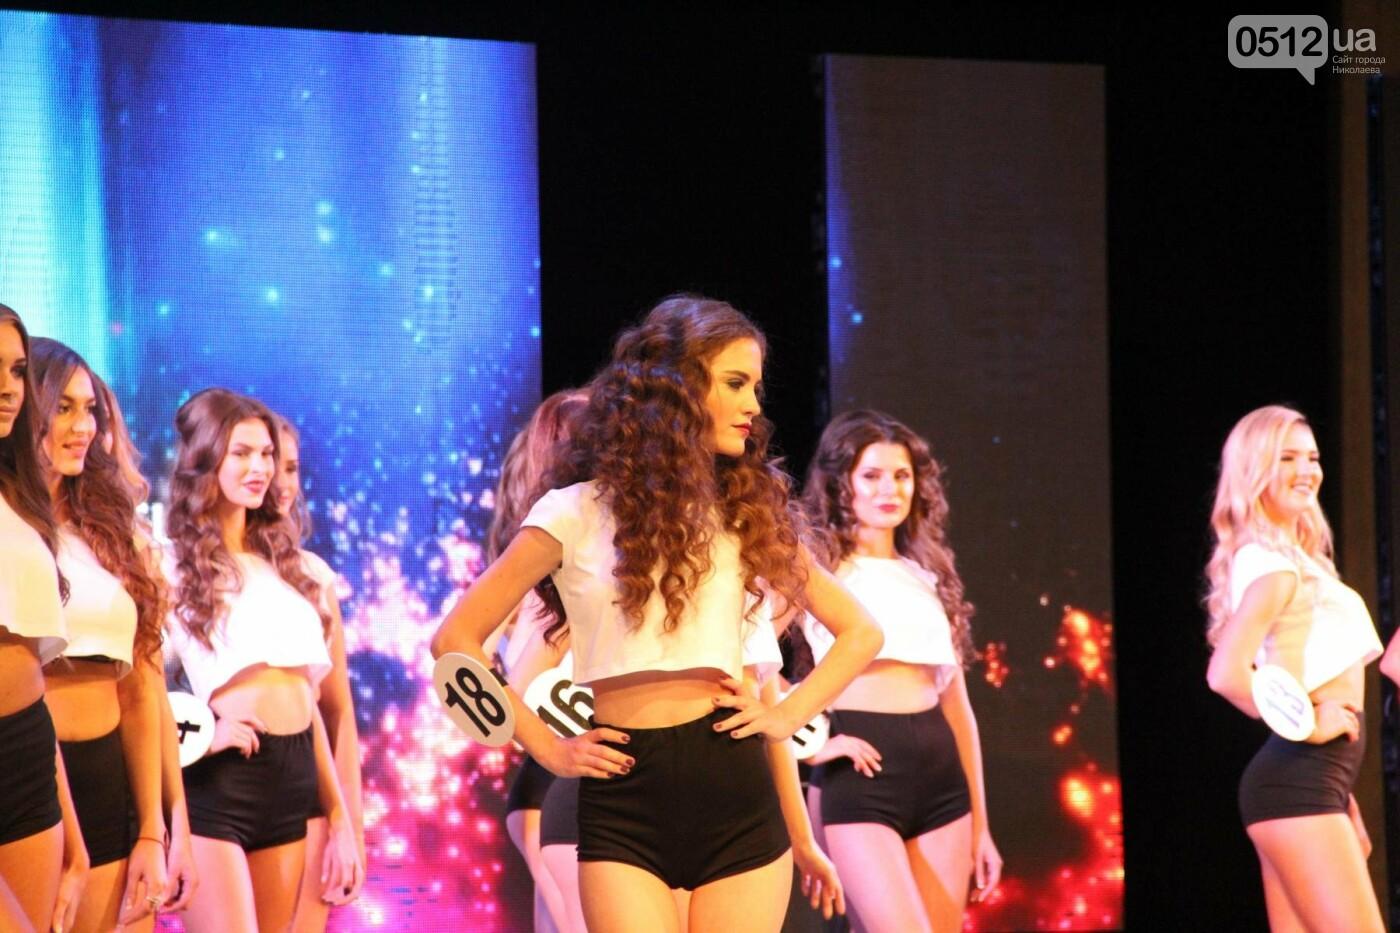 В Николаеве на конкурсе «Miss Top model Ukraine» выбрали самую красивую модель в Украине, - ФОТО, фото-1